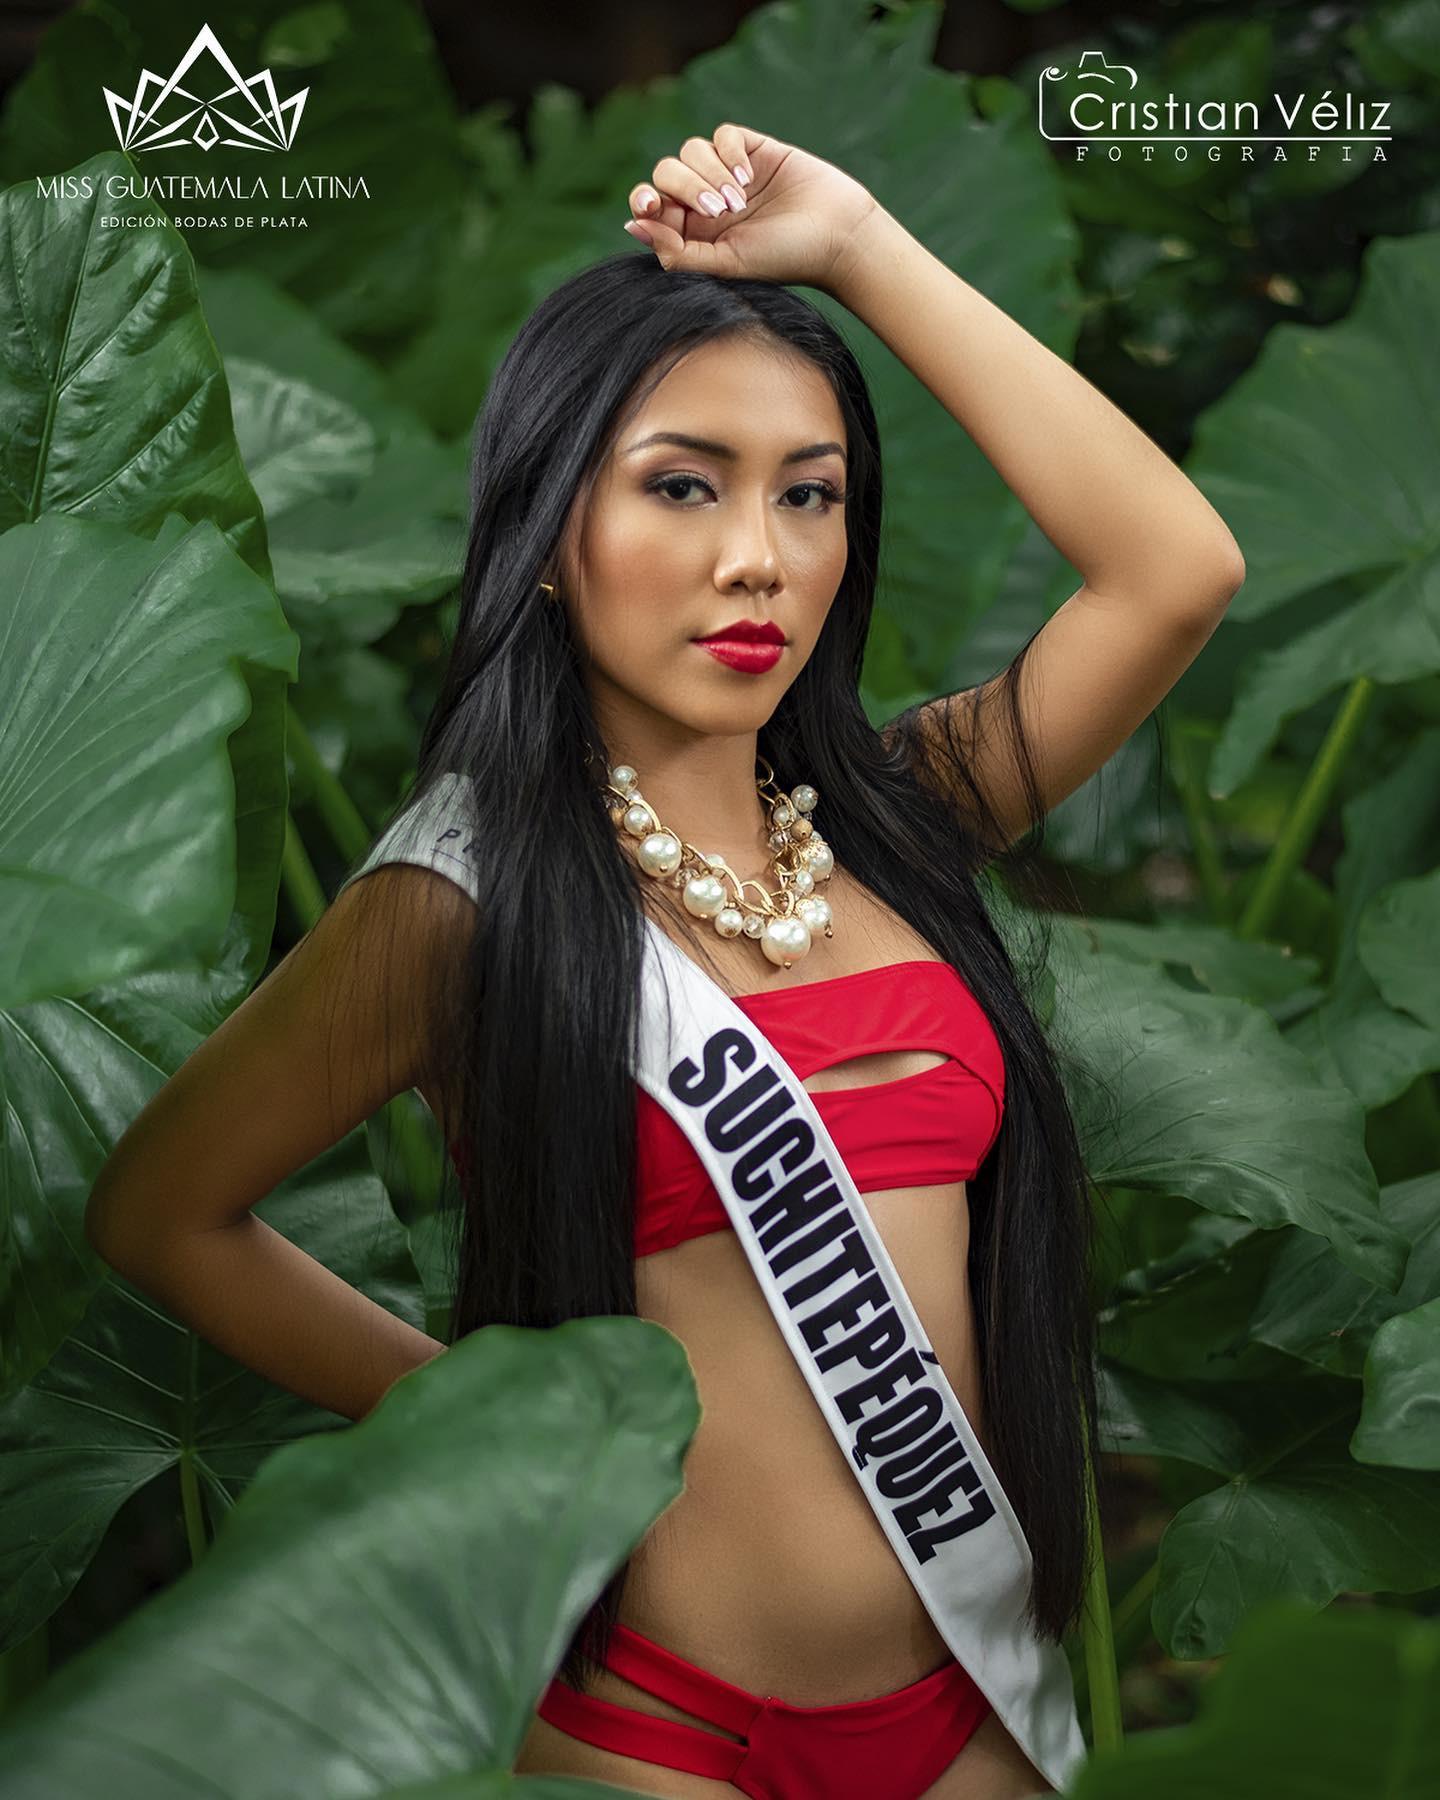 candidatas a miss guatemala latina 2021. final: 30 de abril. - Página 6 B3AsGR